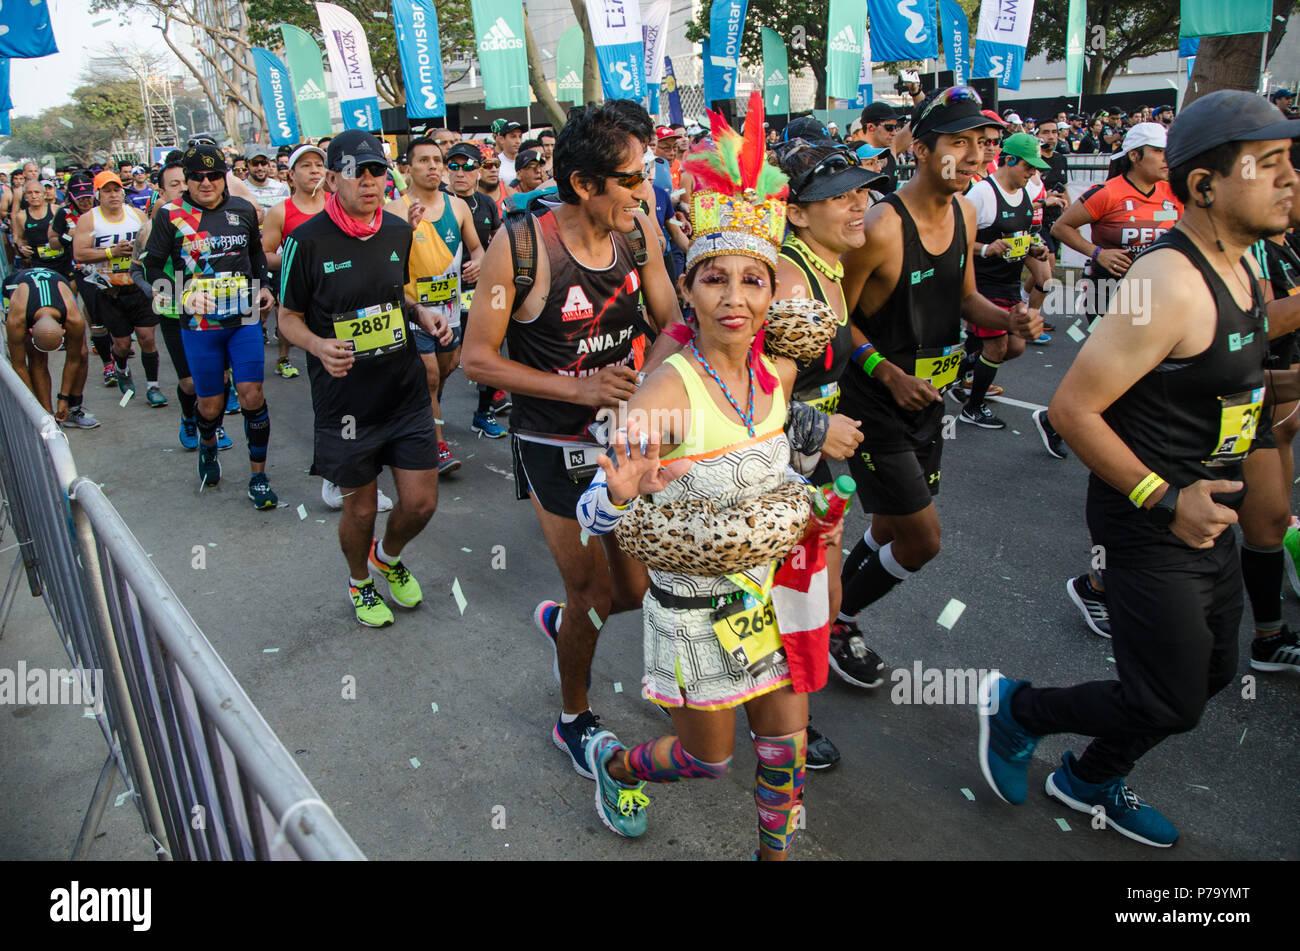 Lima, Perú - 20 de mayo de 2018: Maratón Lima 42k, evento deportivo que reúne a atletas de todo el mundo. La carrera comienza Foto de stock